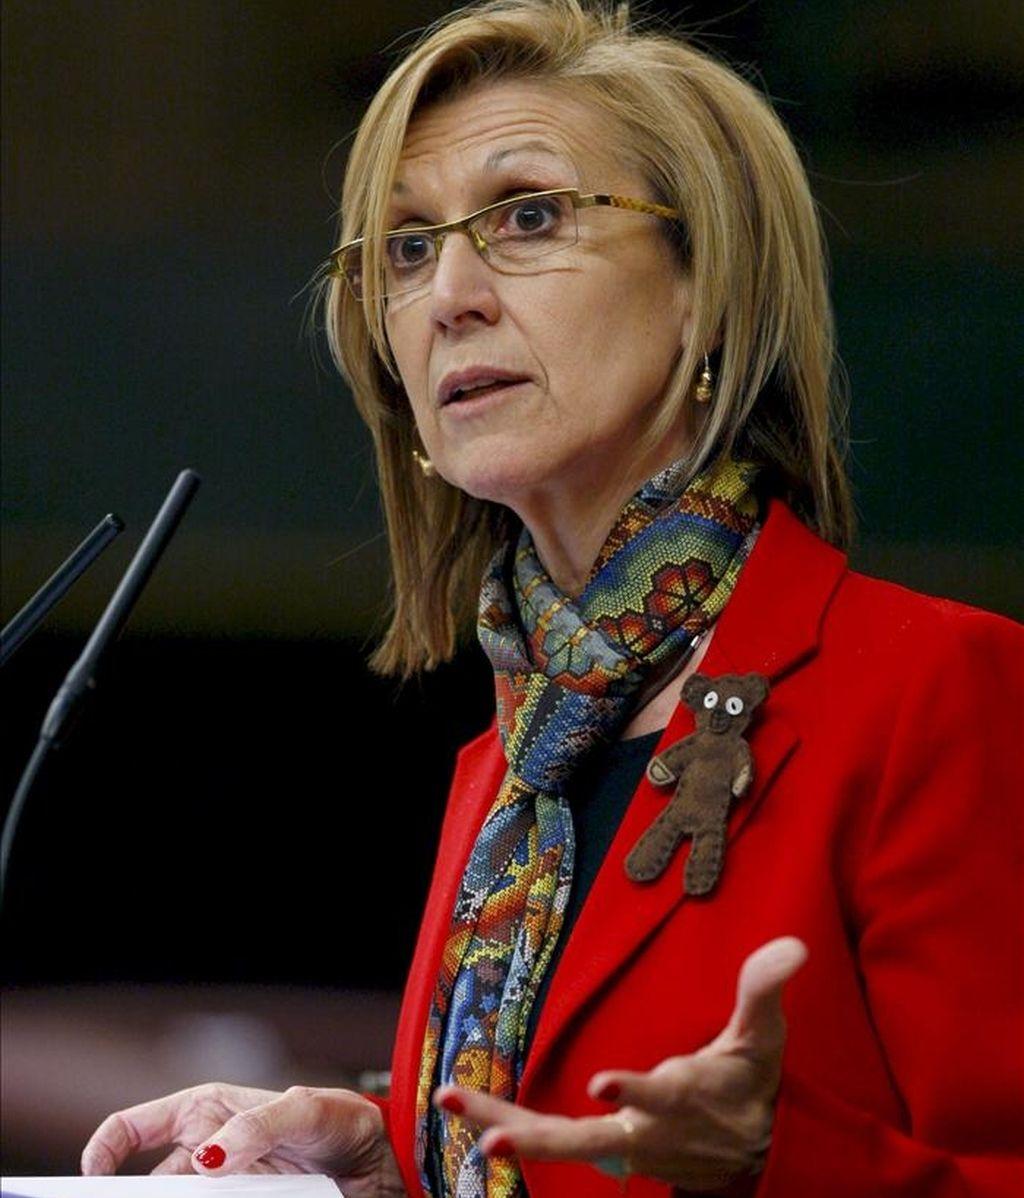 La diputada de UPyD, Rosa Díez. EFE/Archivo